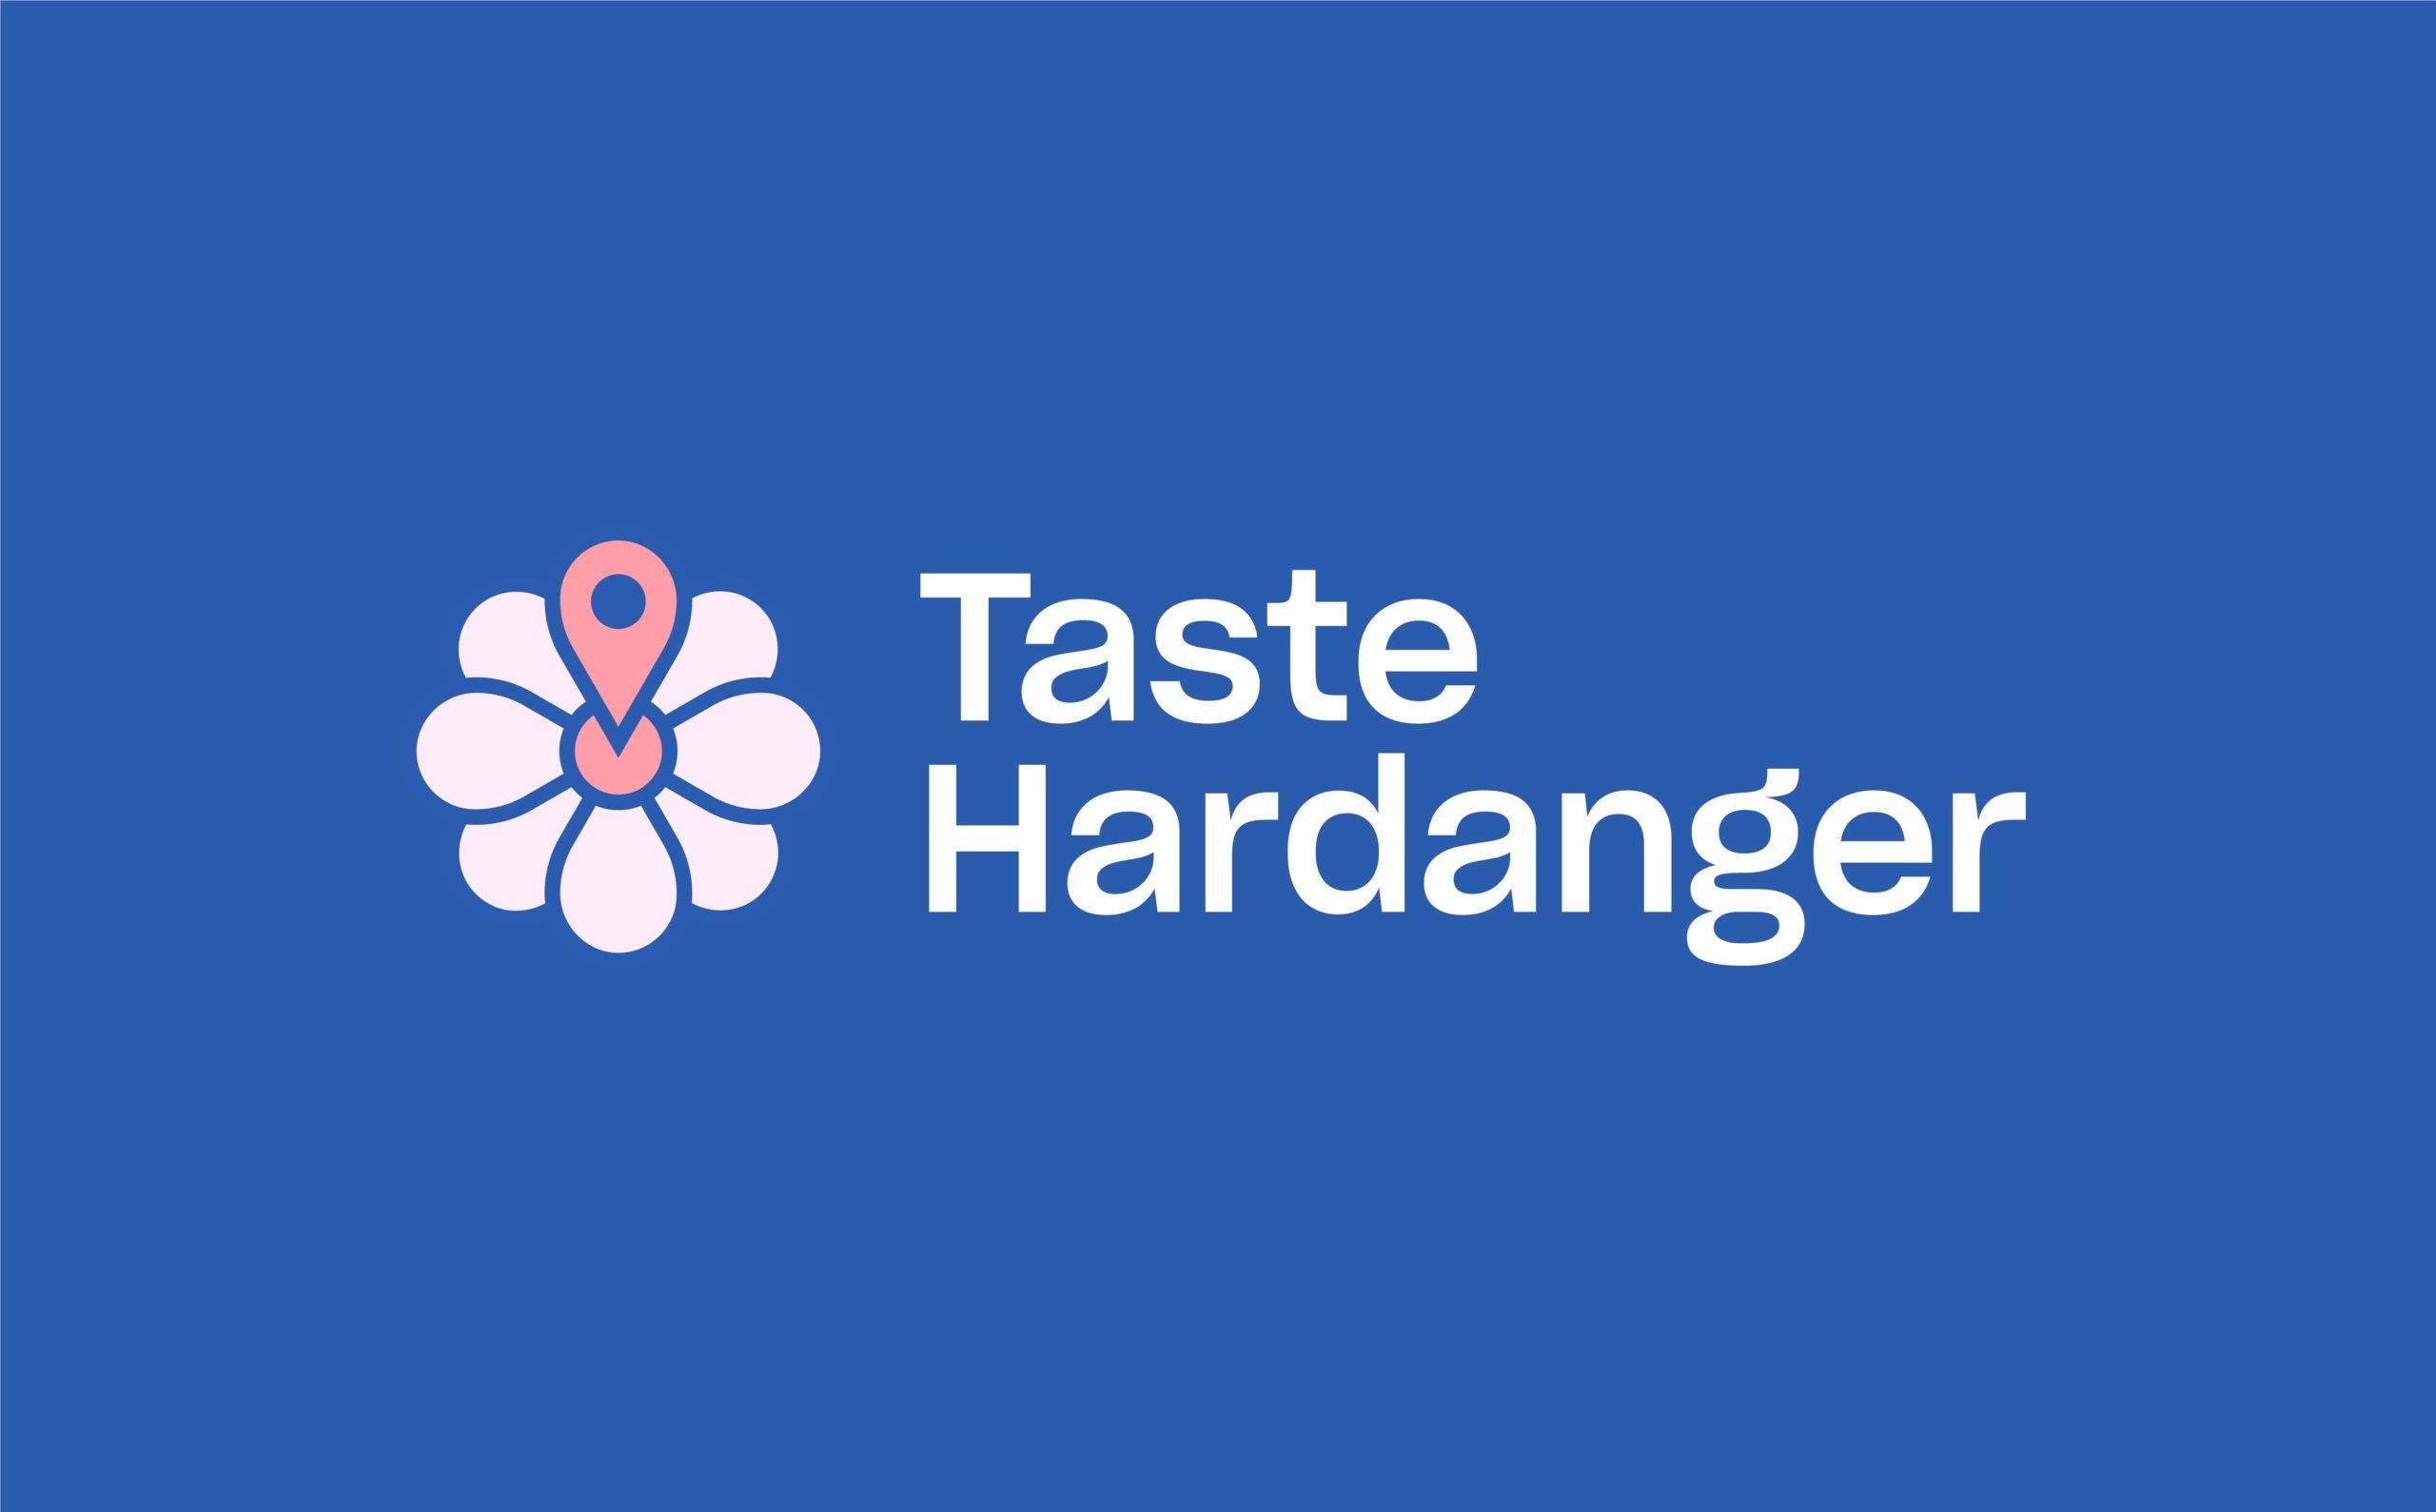 Taste_Hardanger_01-min